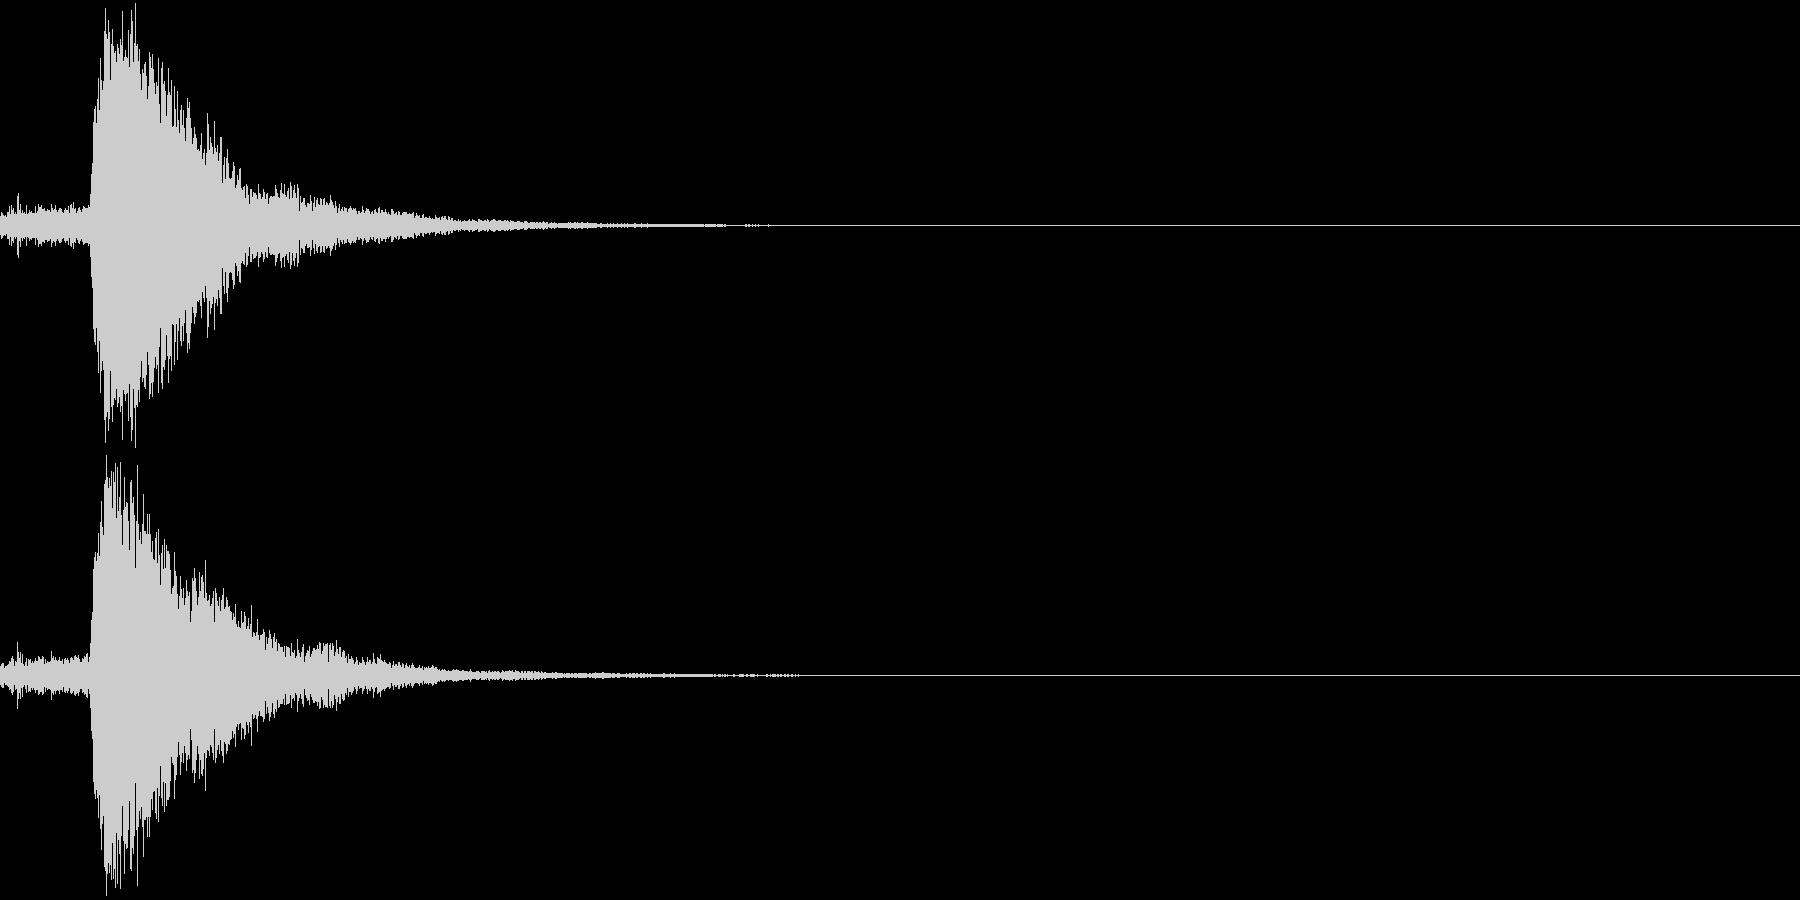 刀 キーン 剣 リアル インパクト Rの未再生の波形